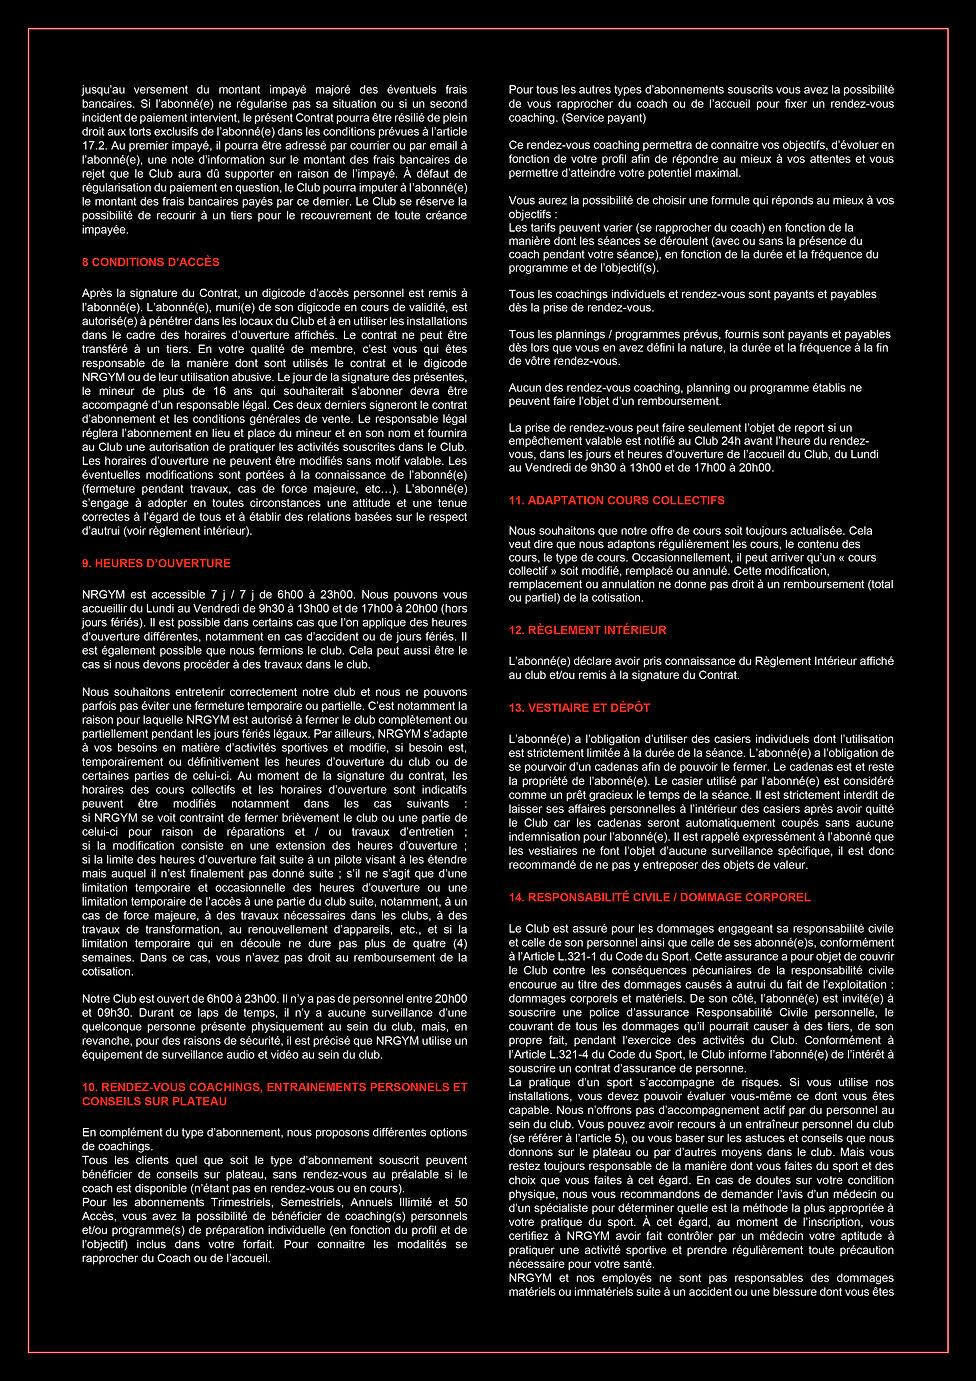 CGV NRGYM Septembre 2020-2.jpg